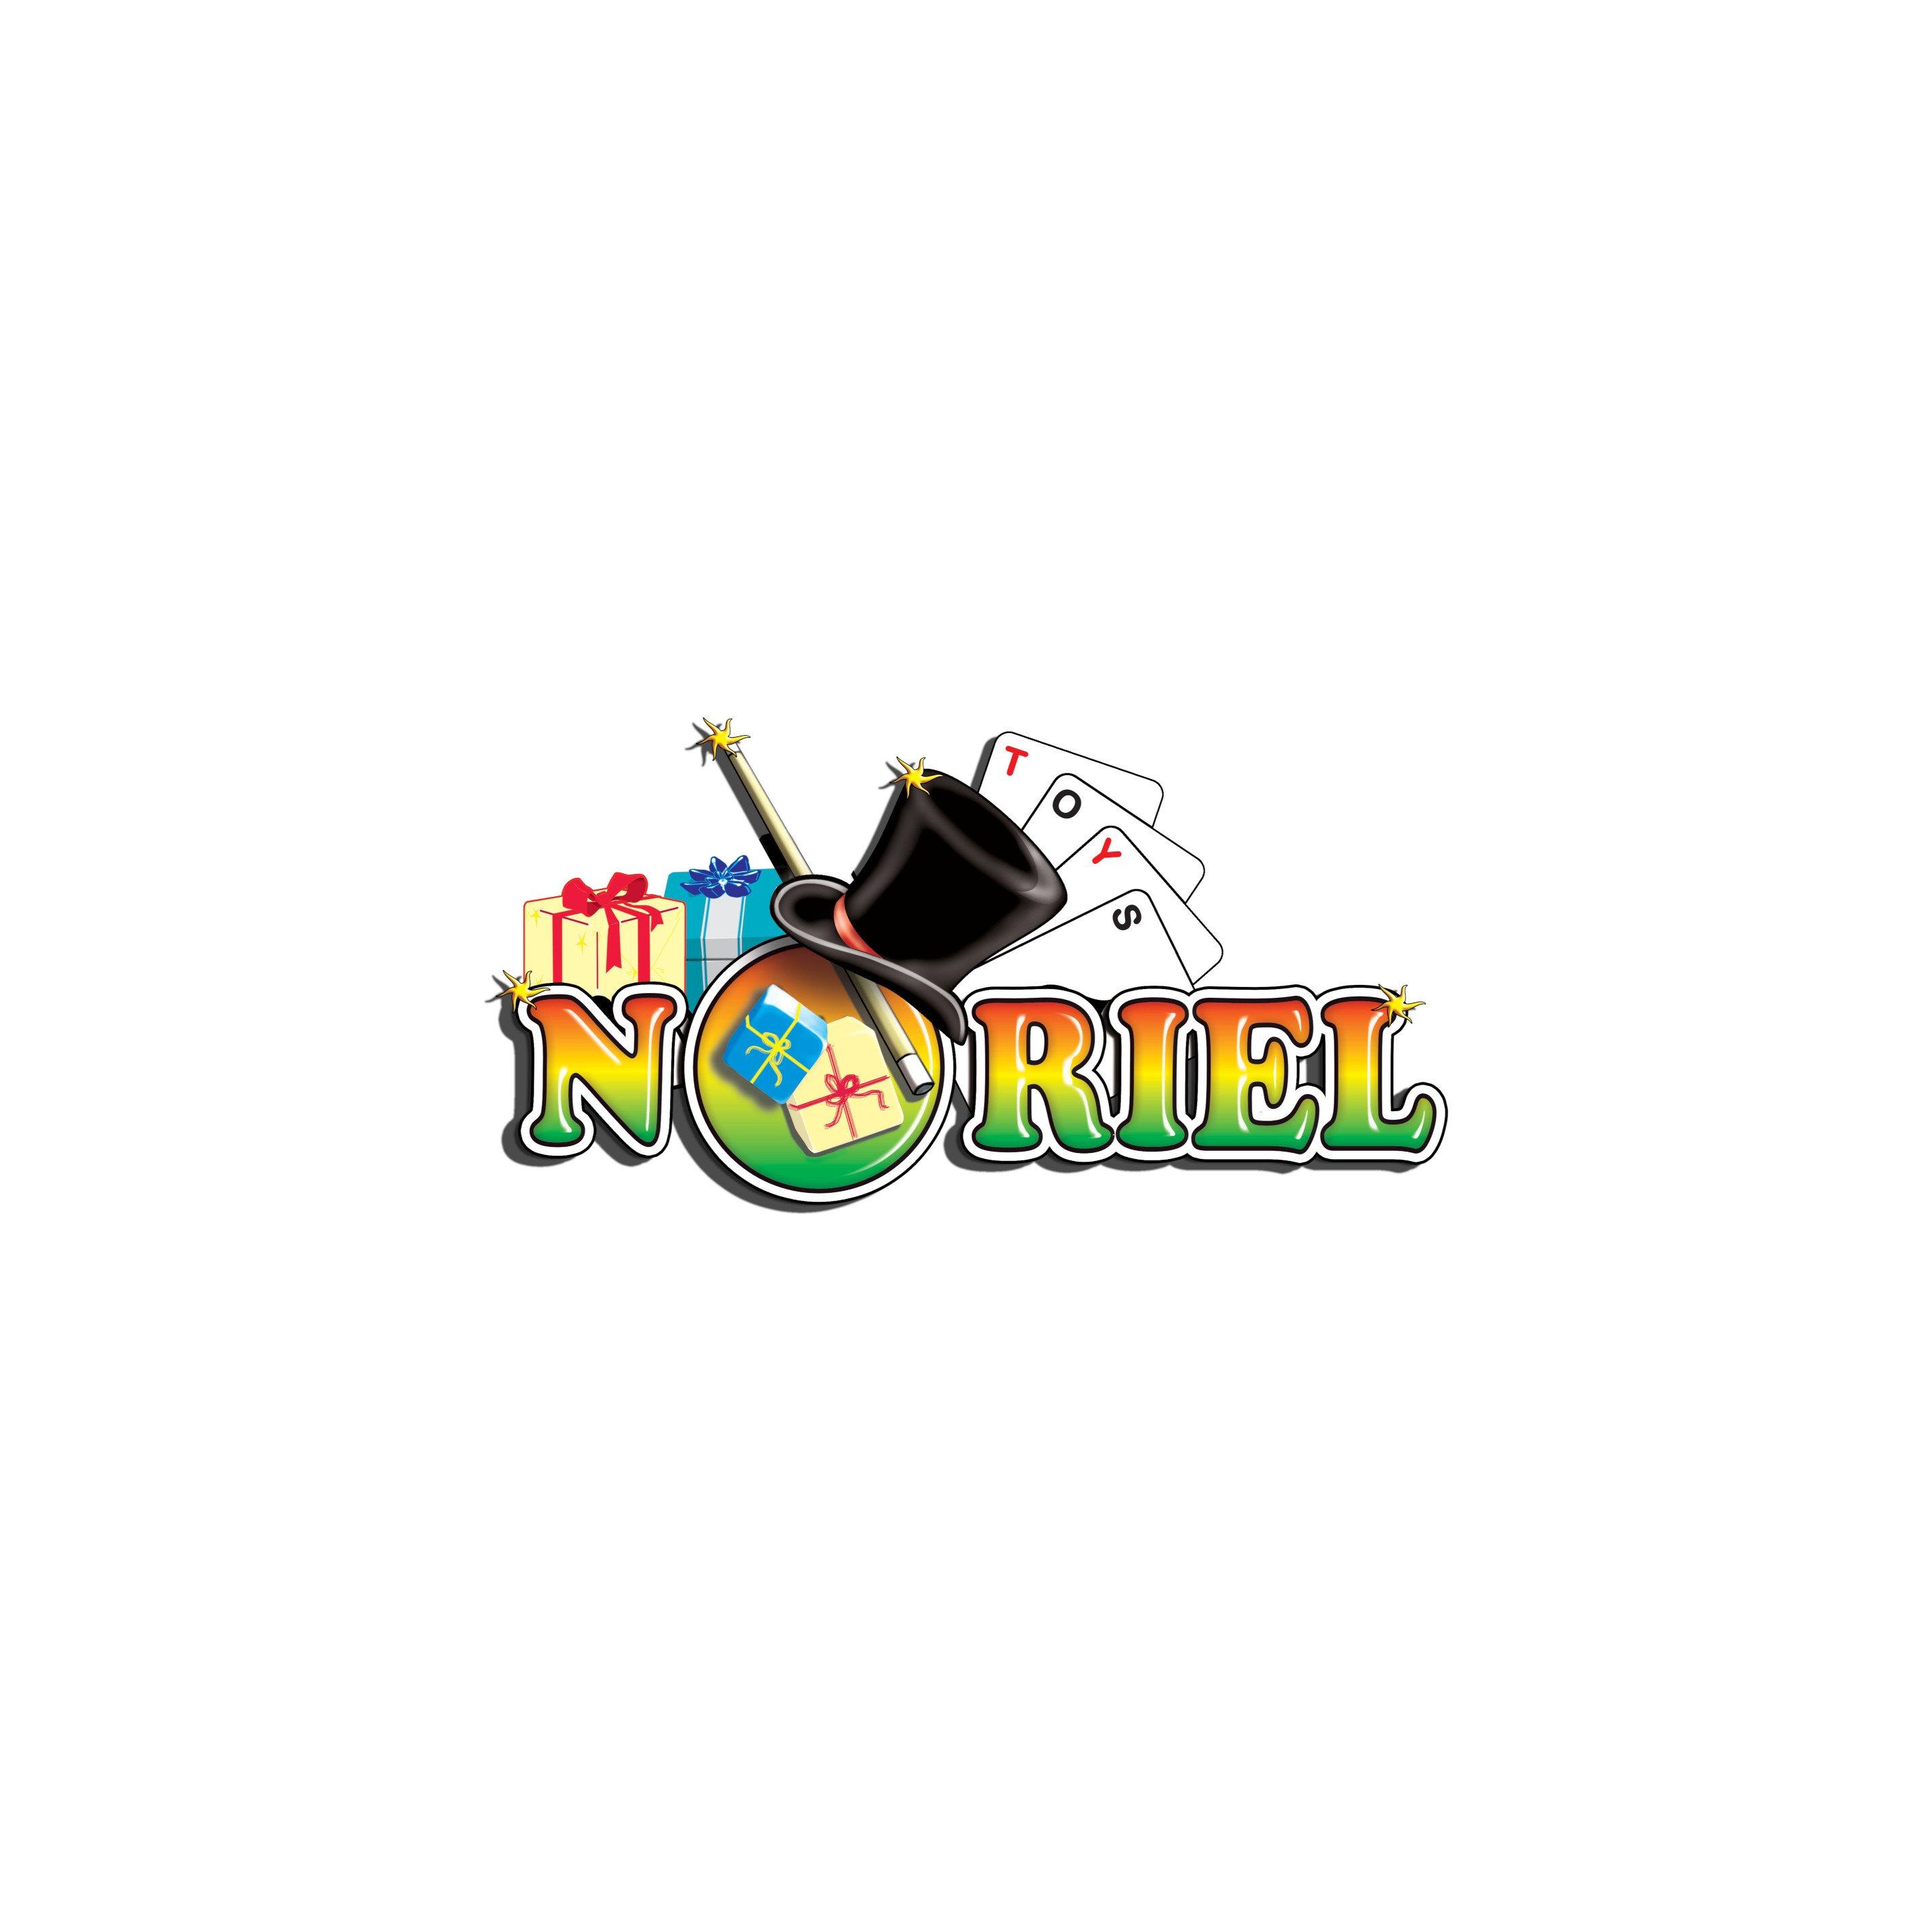 Cereale Hipp Noapte buna - Primul Biscuit al copilului, 250 g, 6 luni+ imagine